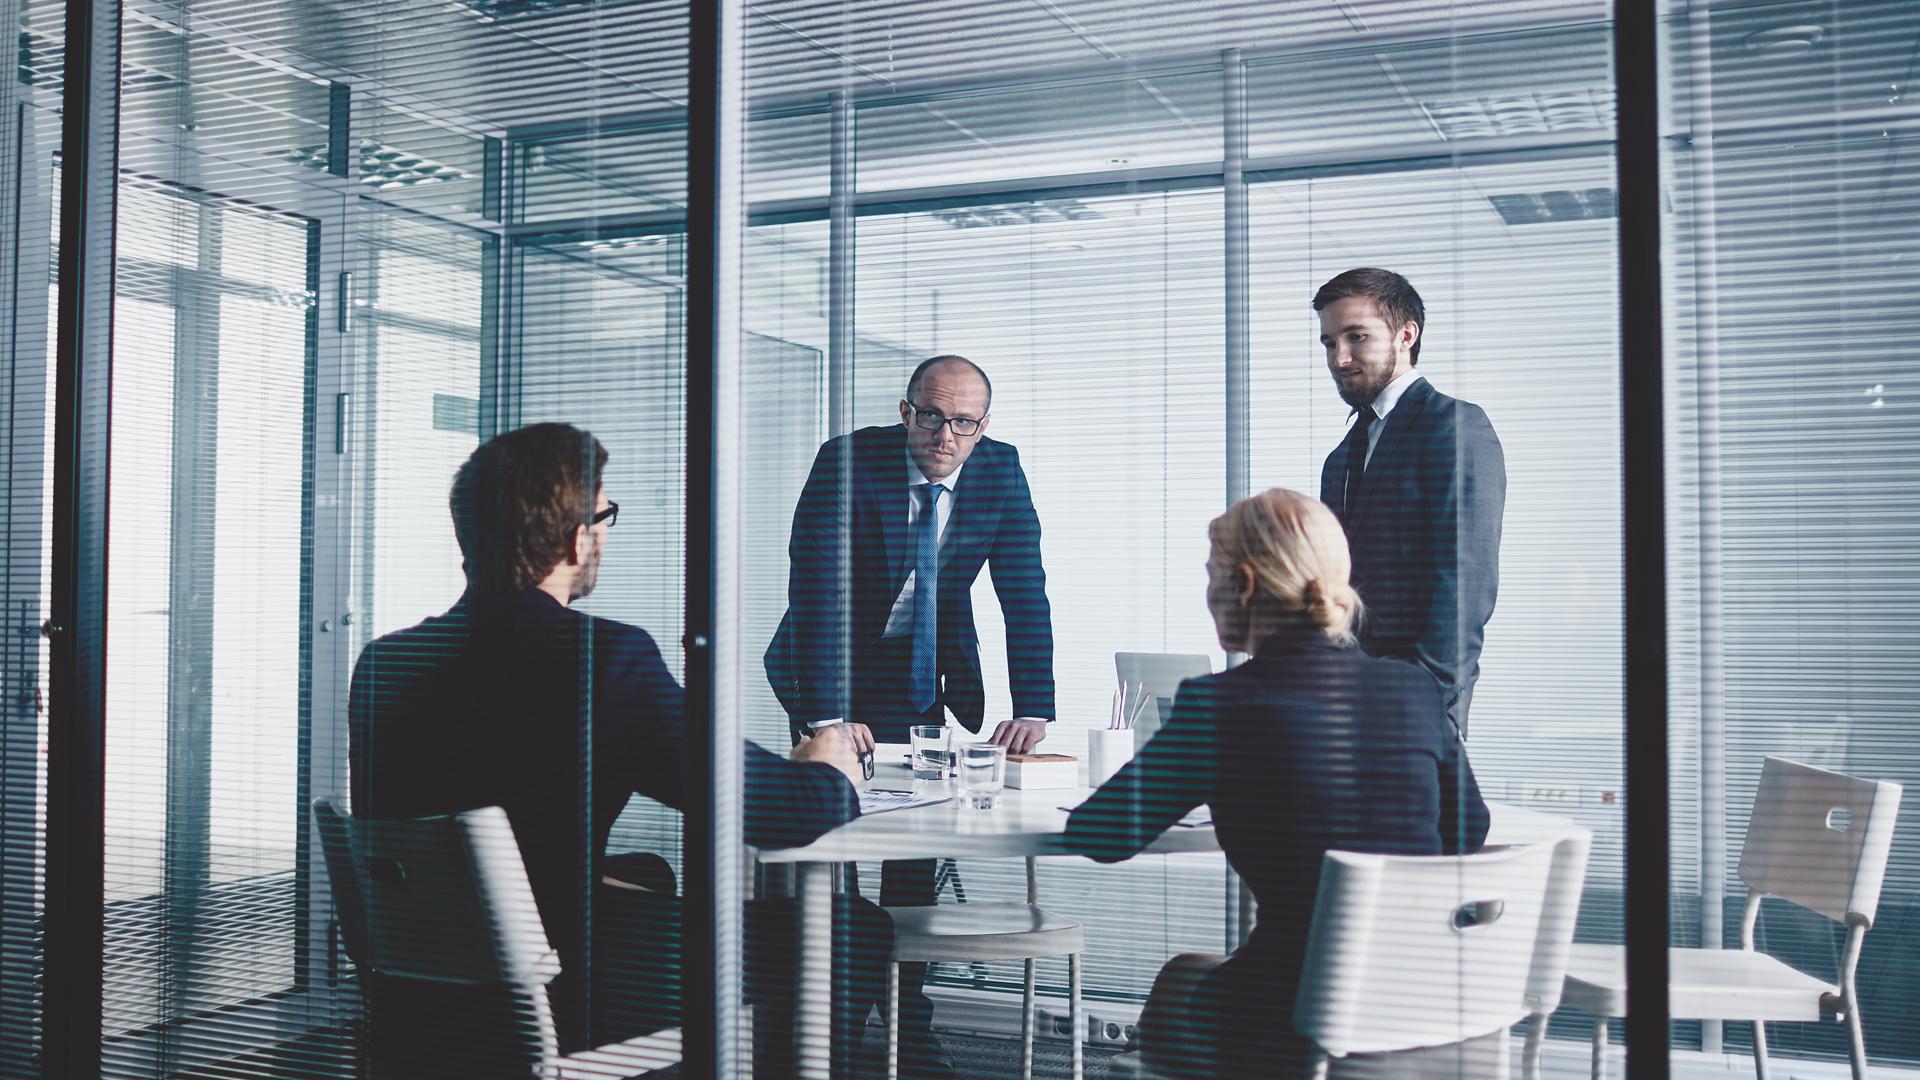 Governança corporativa: como implementar isso no meu negócio?